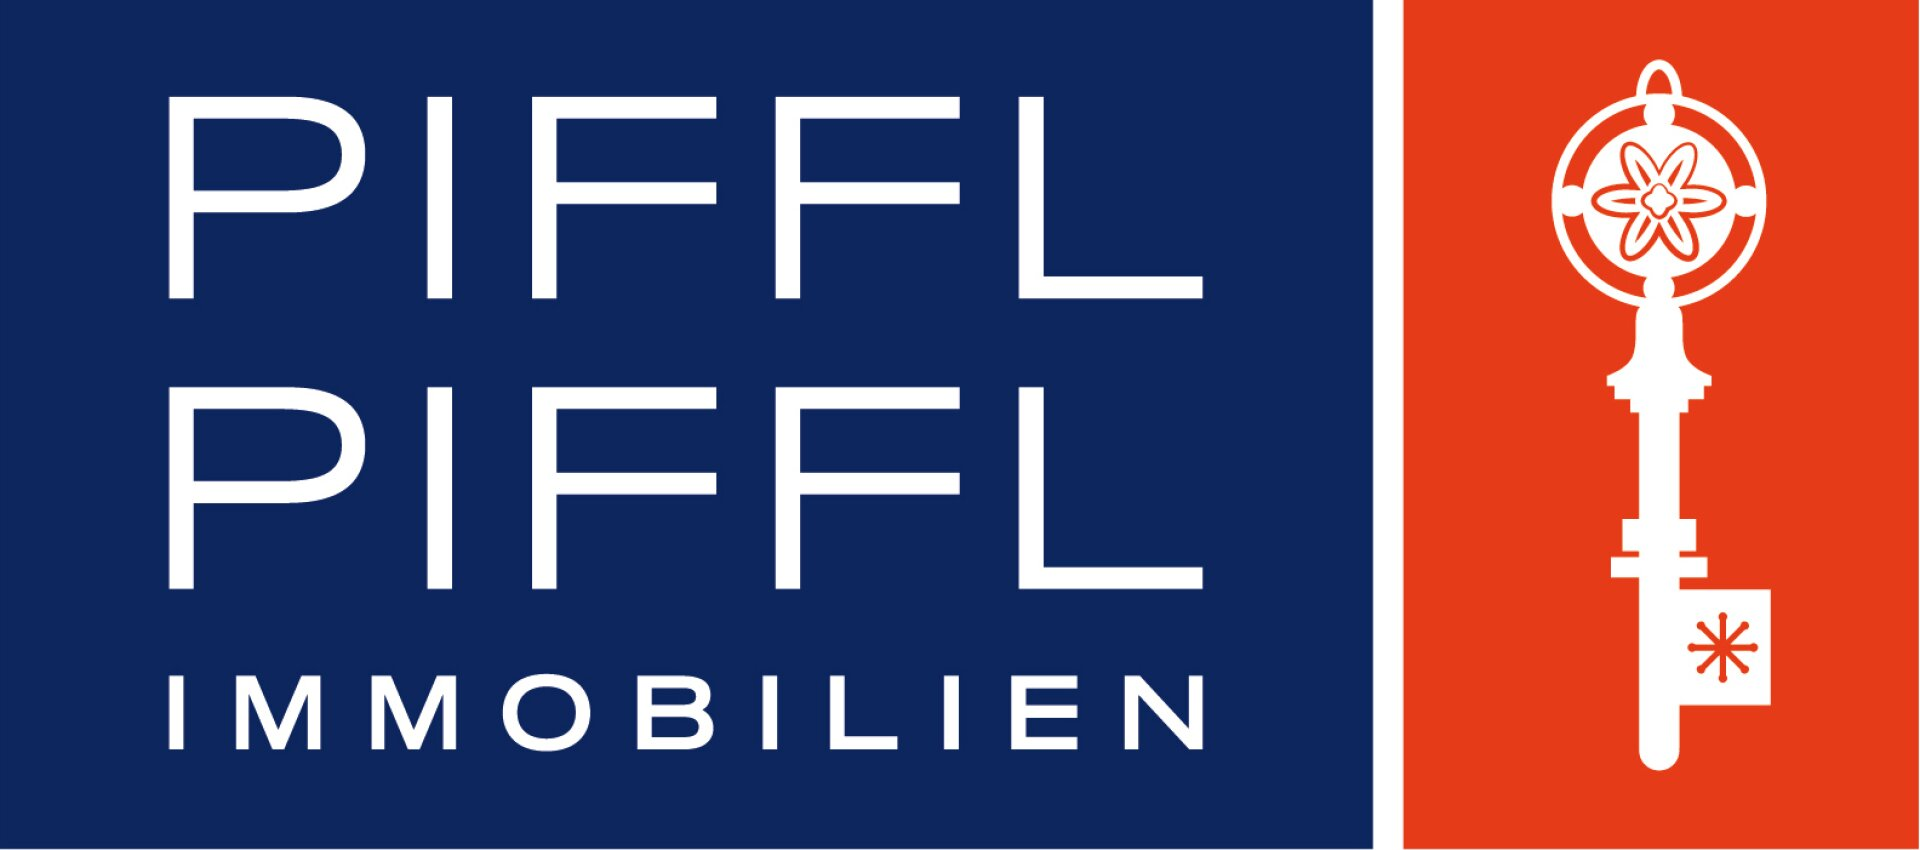 PIFFL&PIFFL Immobilien